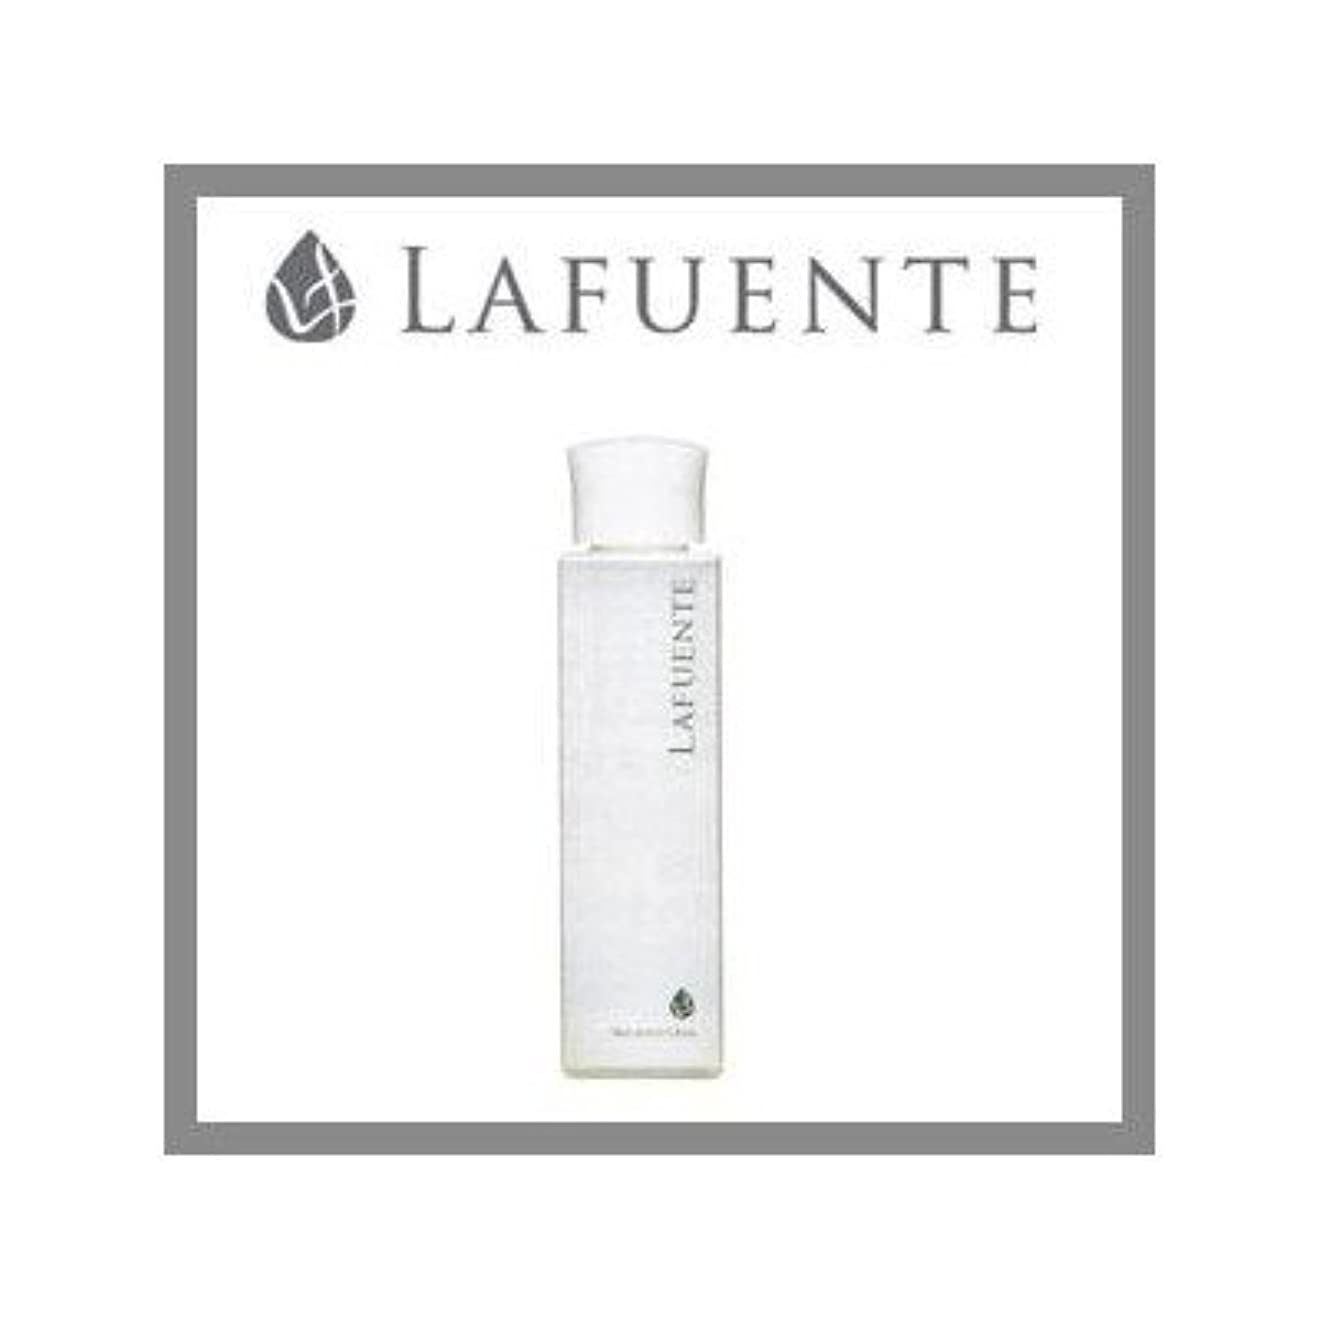 ファンドアクティブ愛情深い化粧水 スキンセラムローション ラファンテ LAFUENTE 150ml t0925148